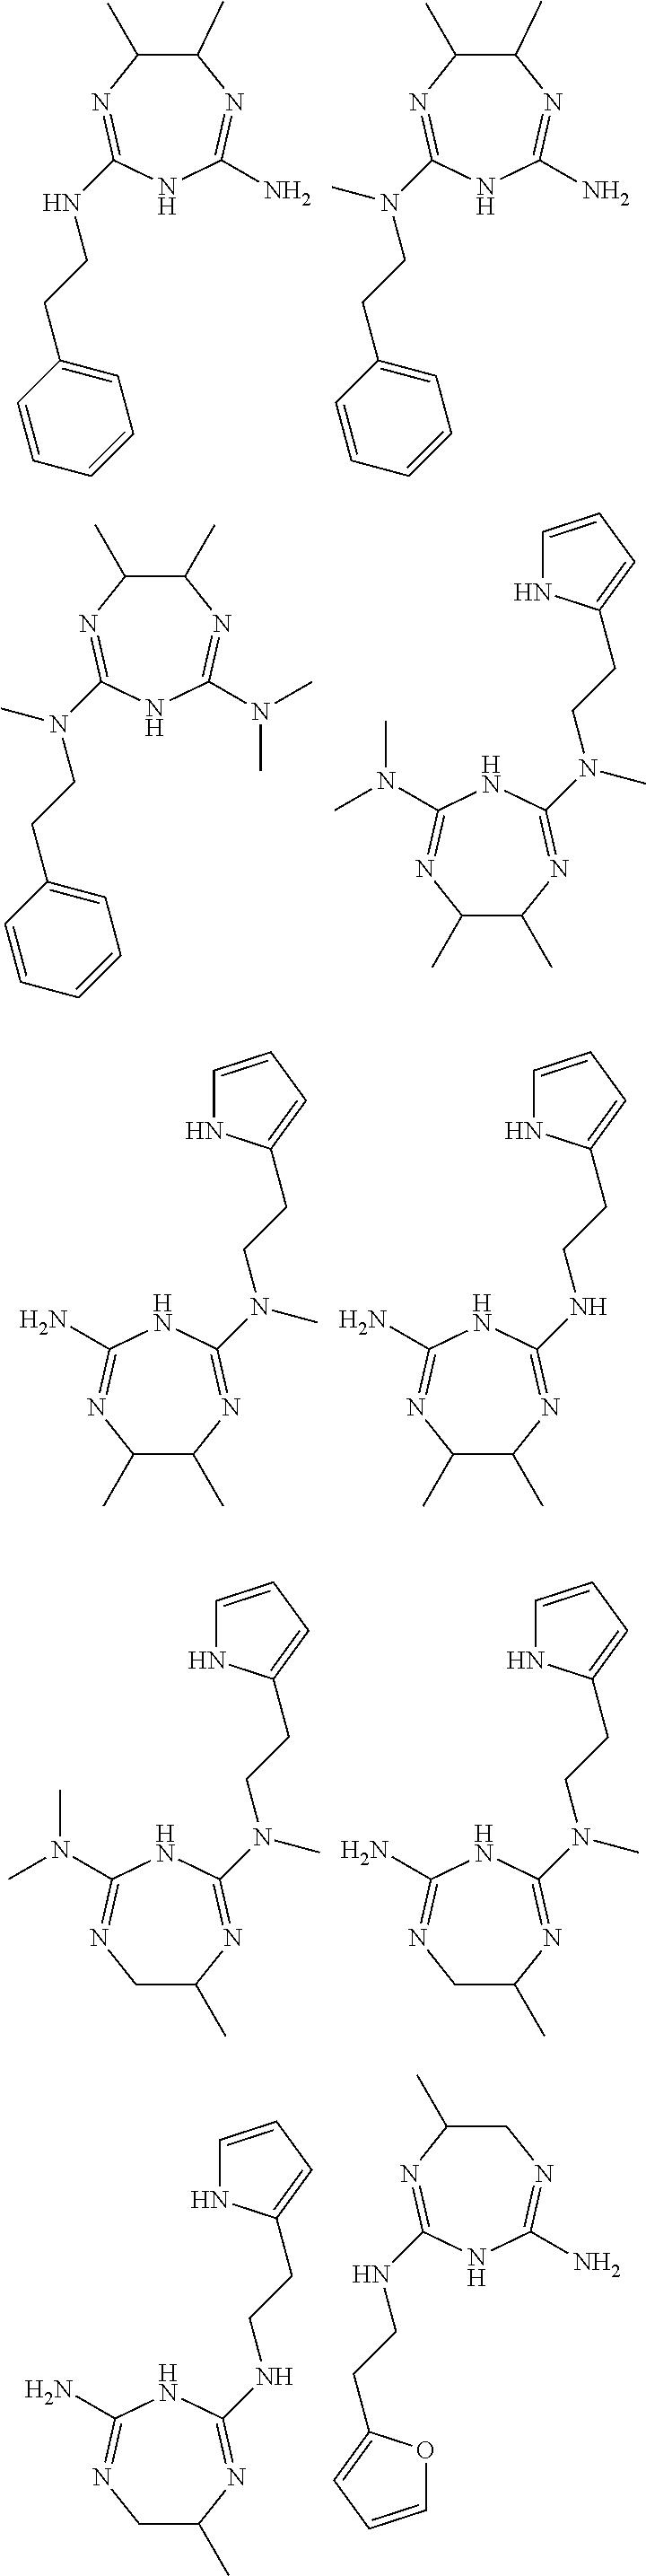 Figure US09480663-20161101-C00214